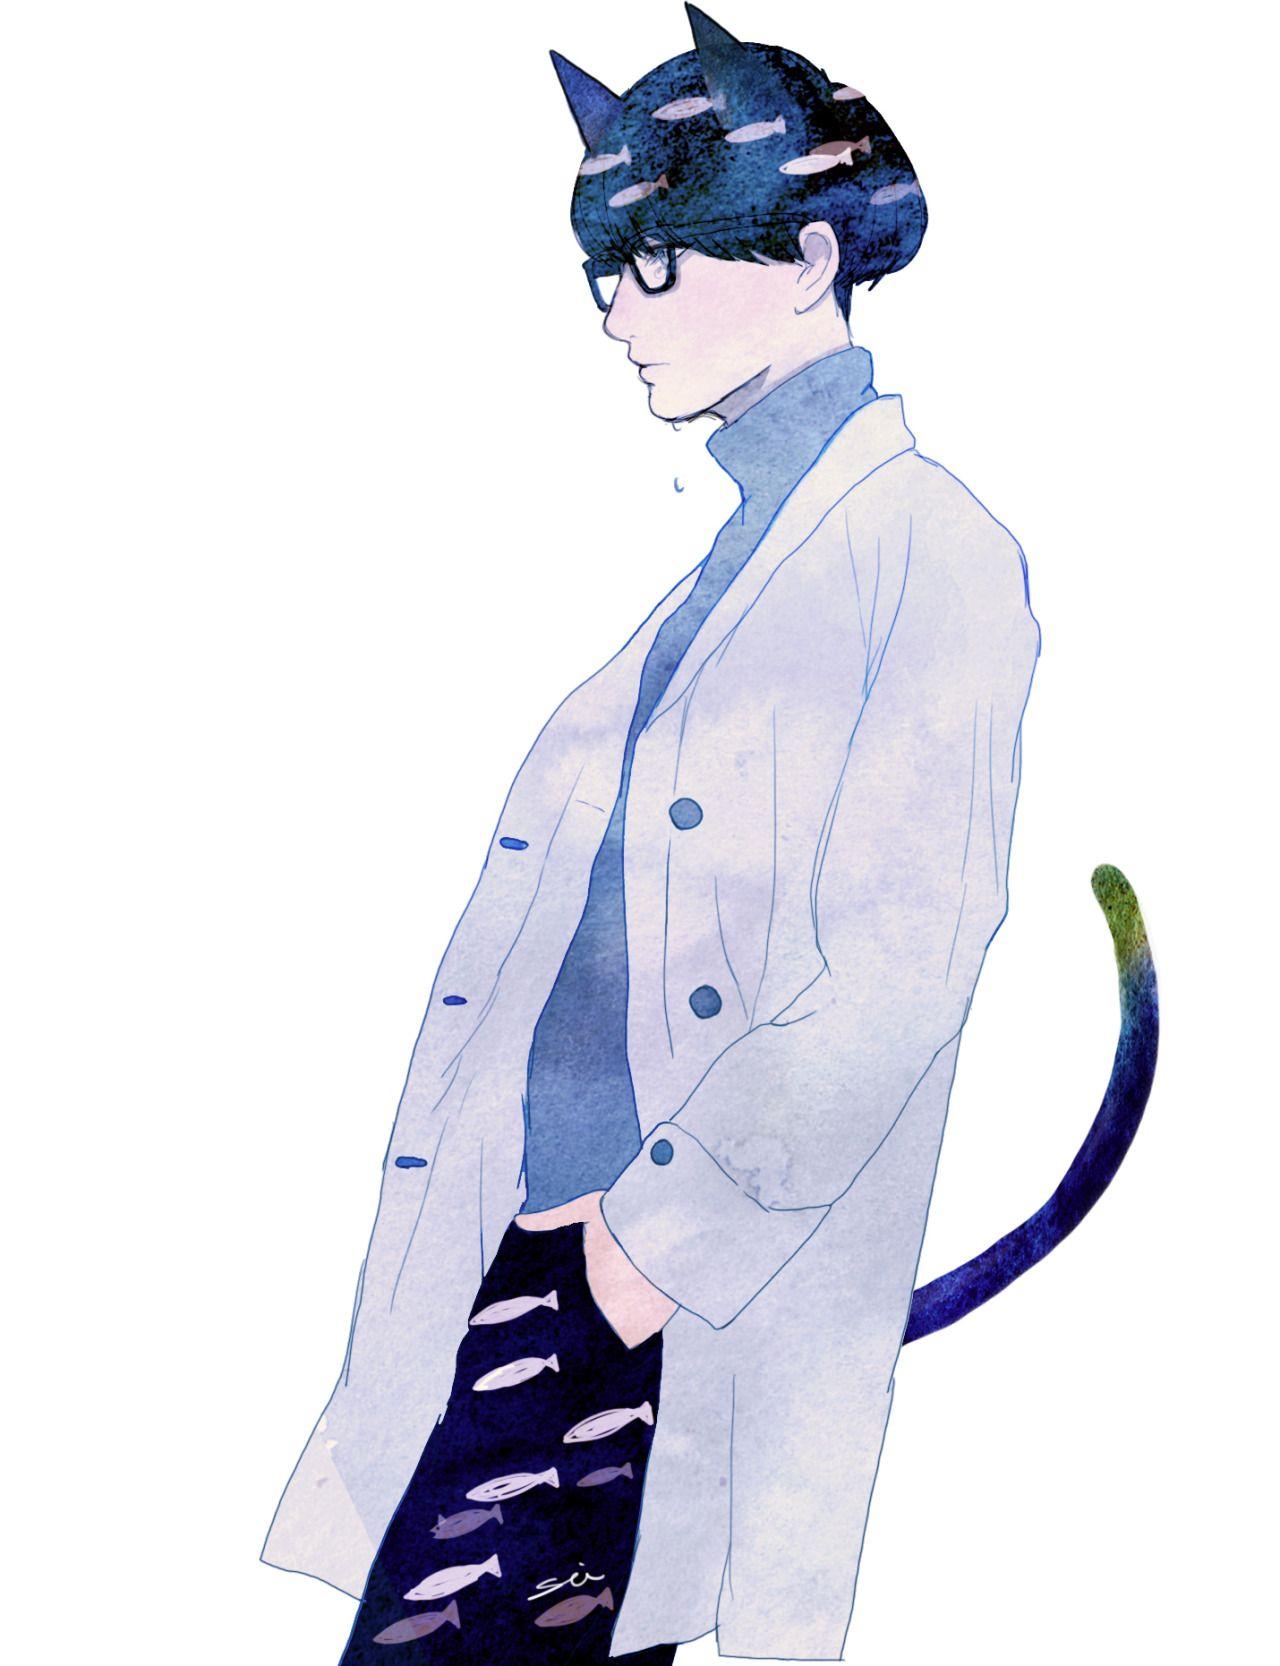 マッシュ男子 | 男子 イラスト | pinterest | arte、ilustraciones、aurea